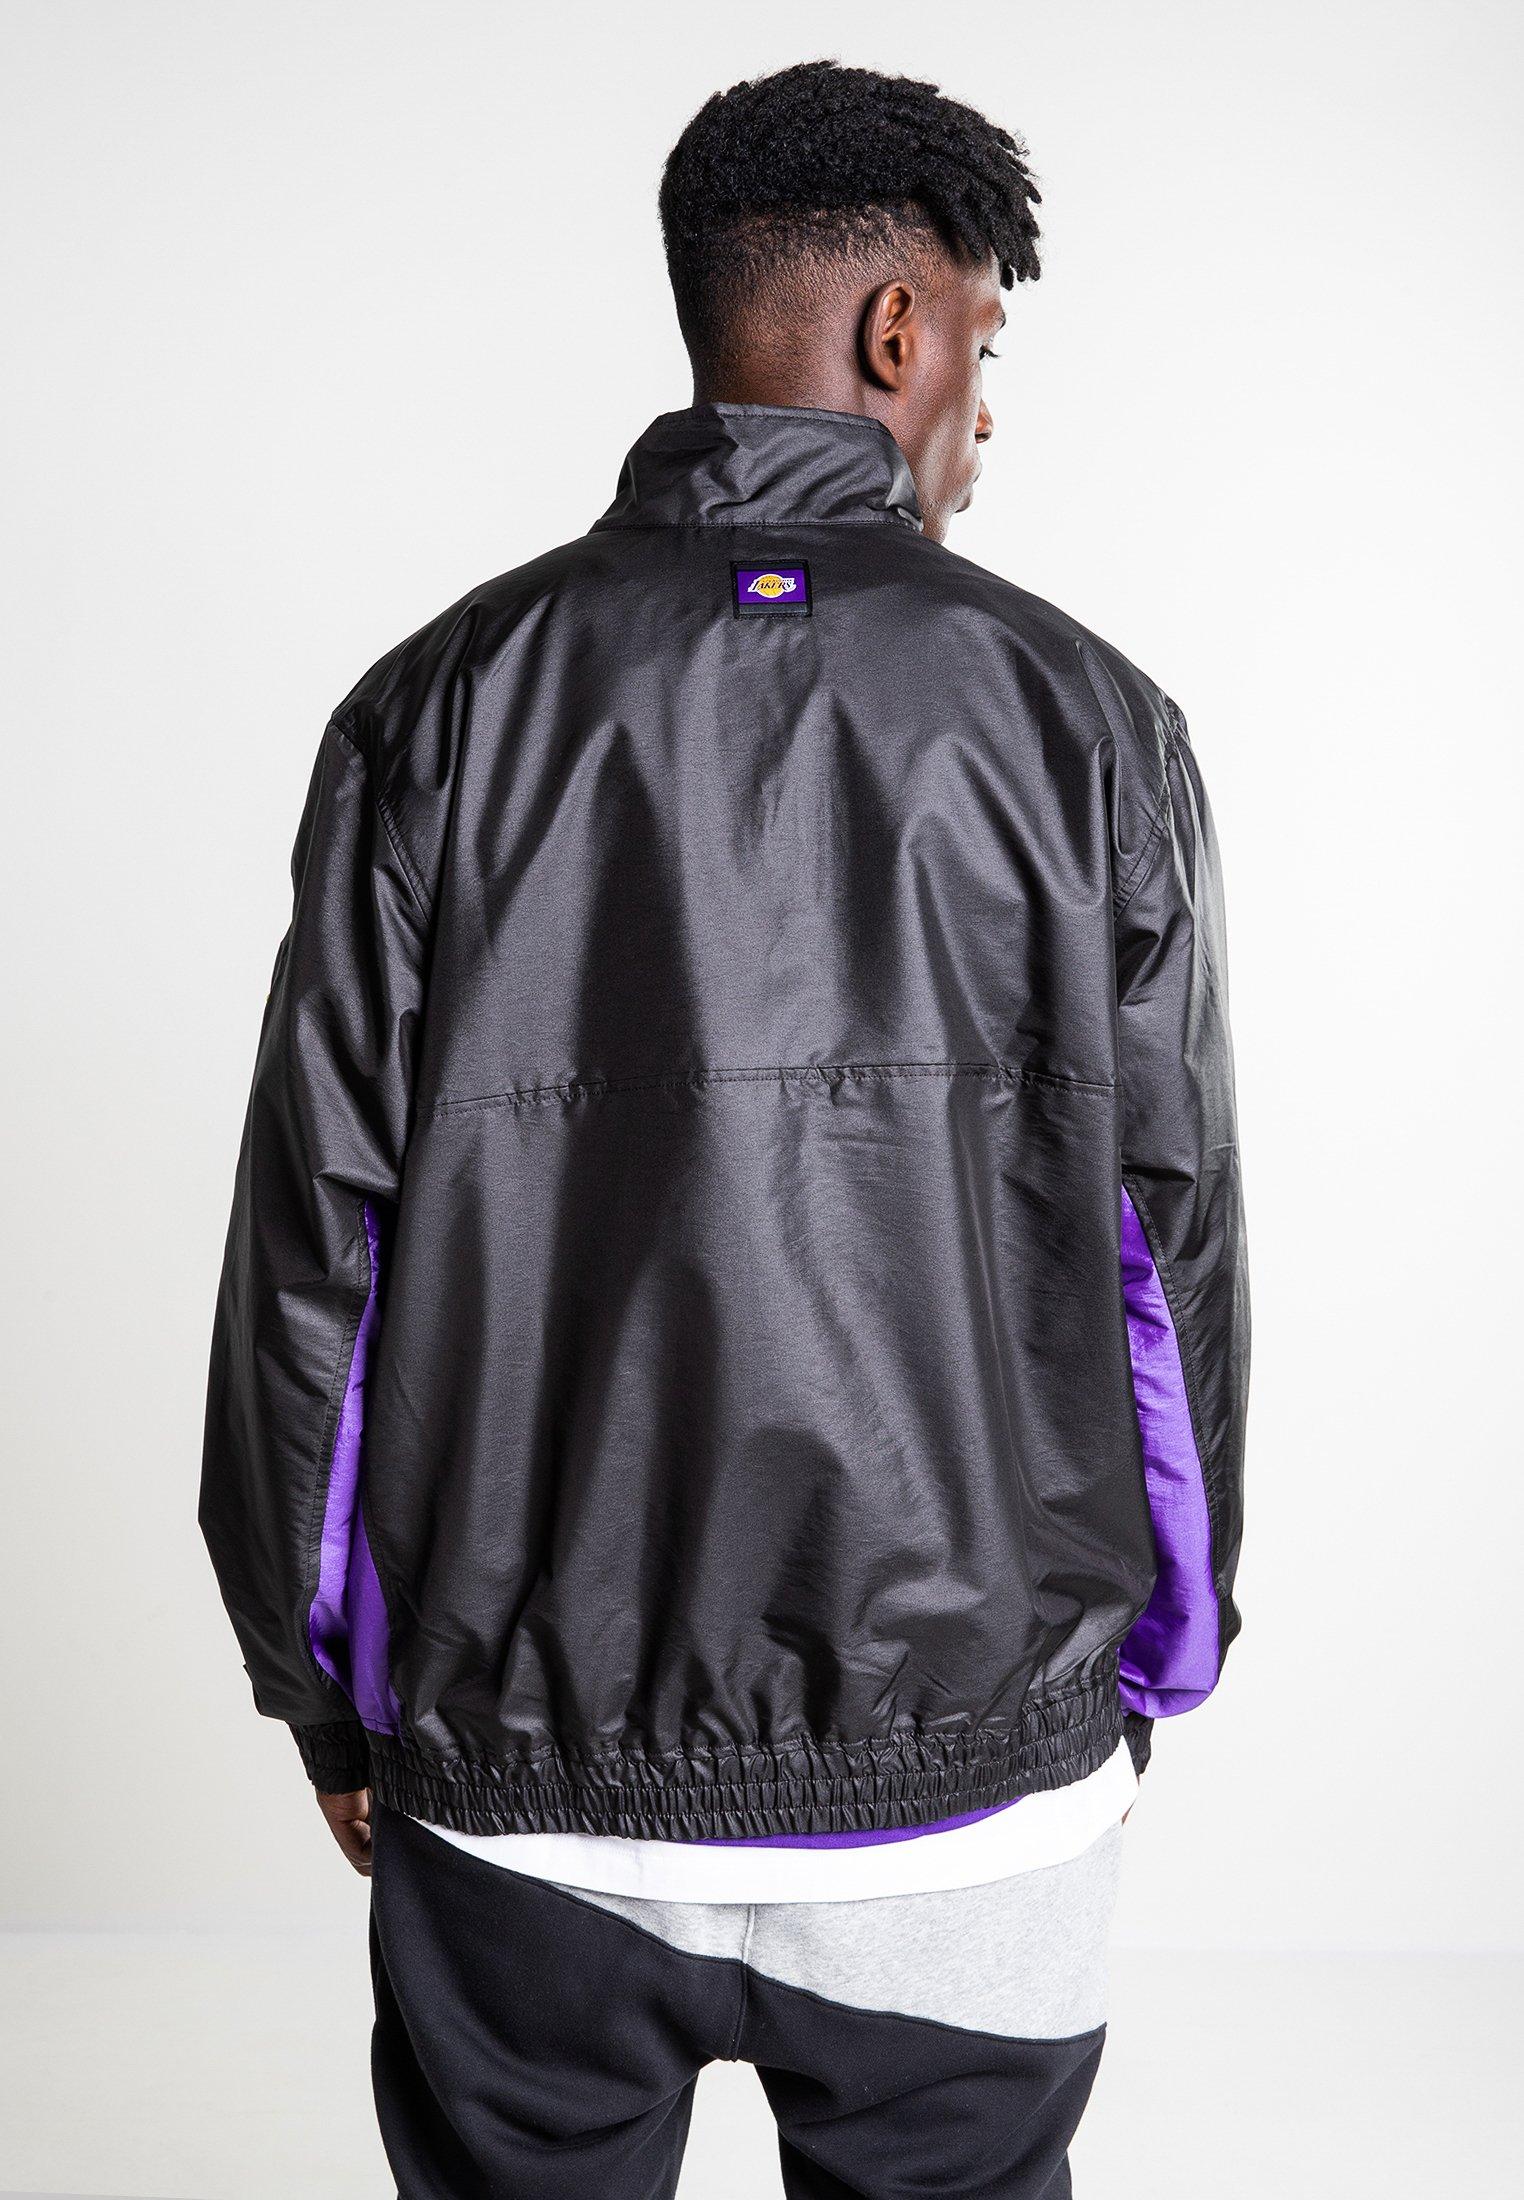 Nike Sportswear Trainingsvest - black/black/field purple/space purple  Heren jassen yn86O